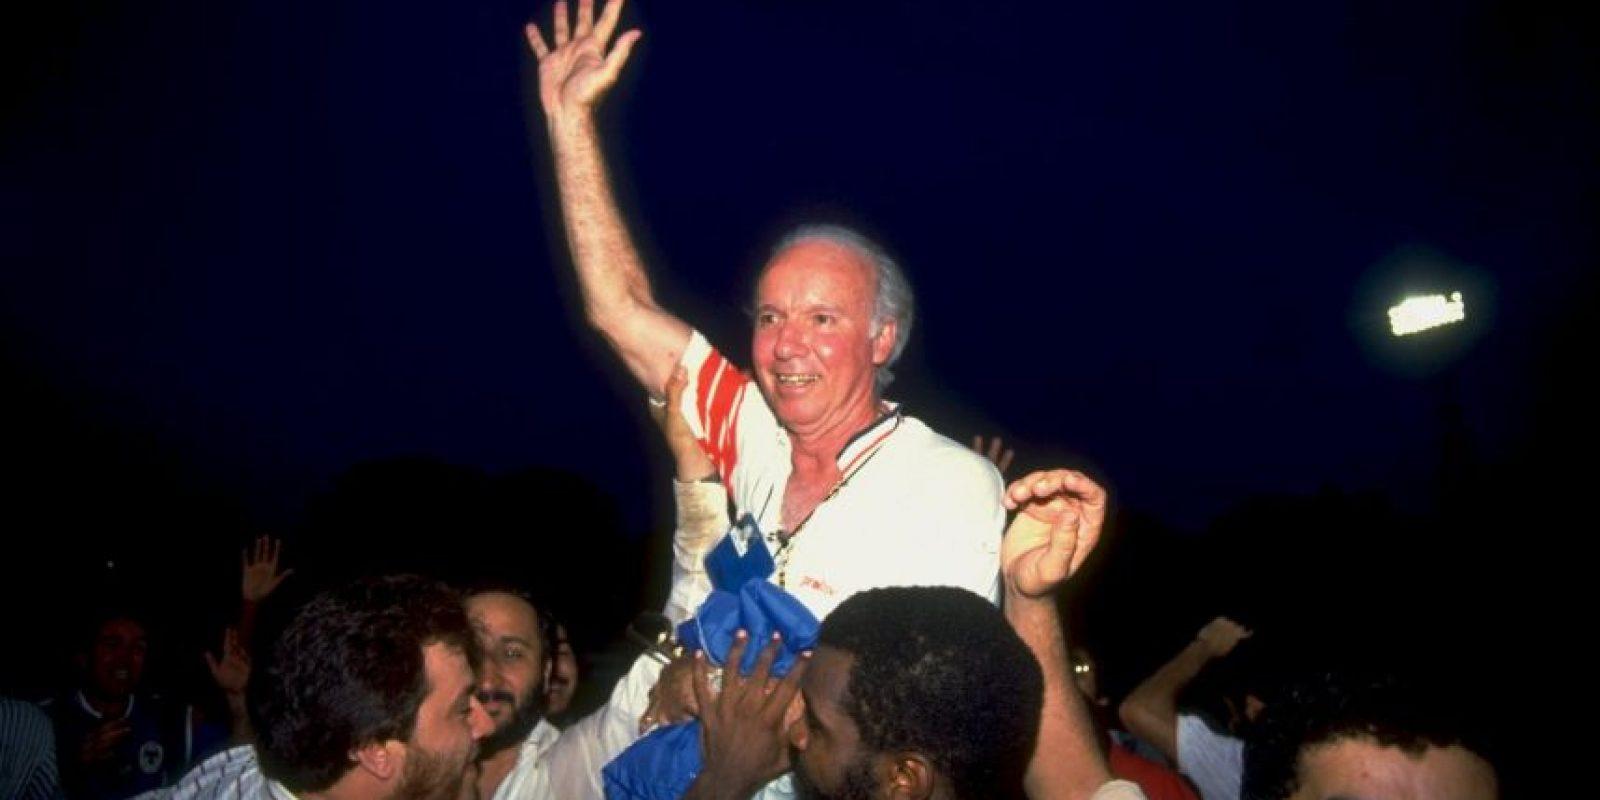 Mario Lobo Zagallo. En su etapa como futbolista estuvo presente en la Selección de Brasil que ganó los Mundiales de 1958 y 1962 Foto:Getty Images